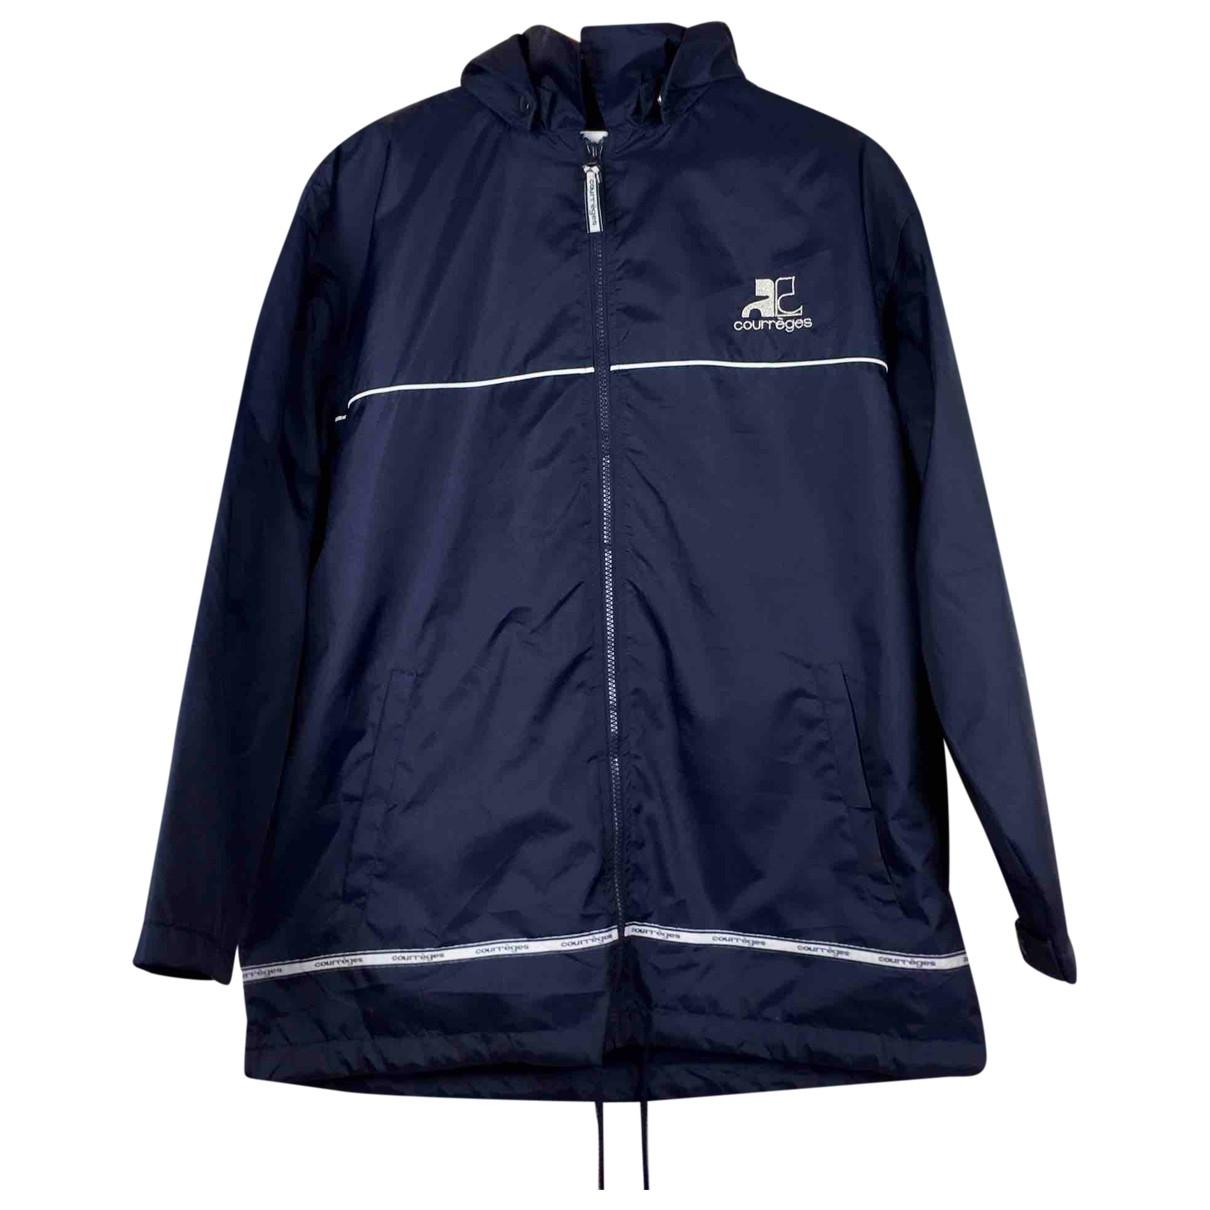 Courrèges \N Blue jacket  for Men M International